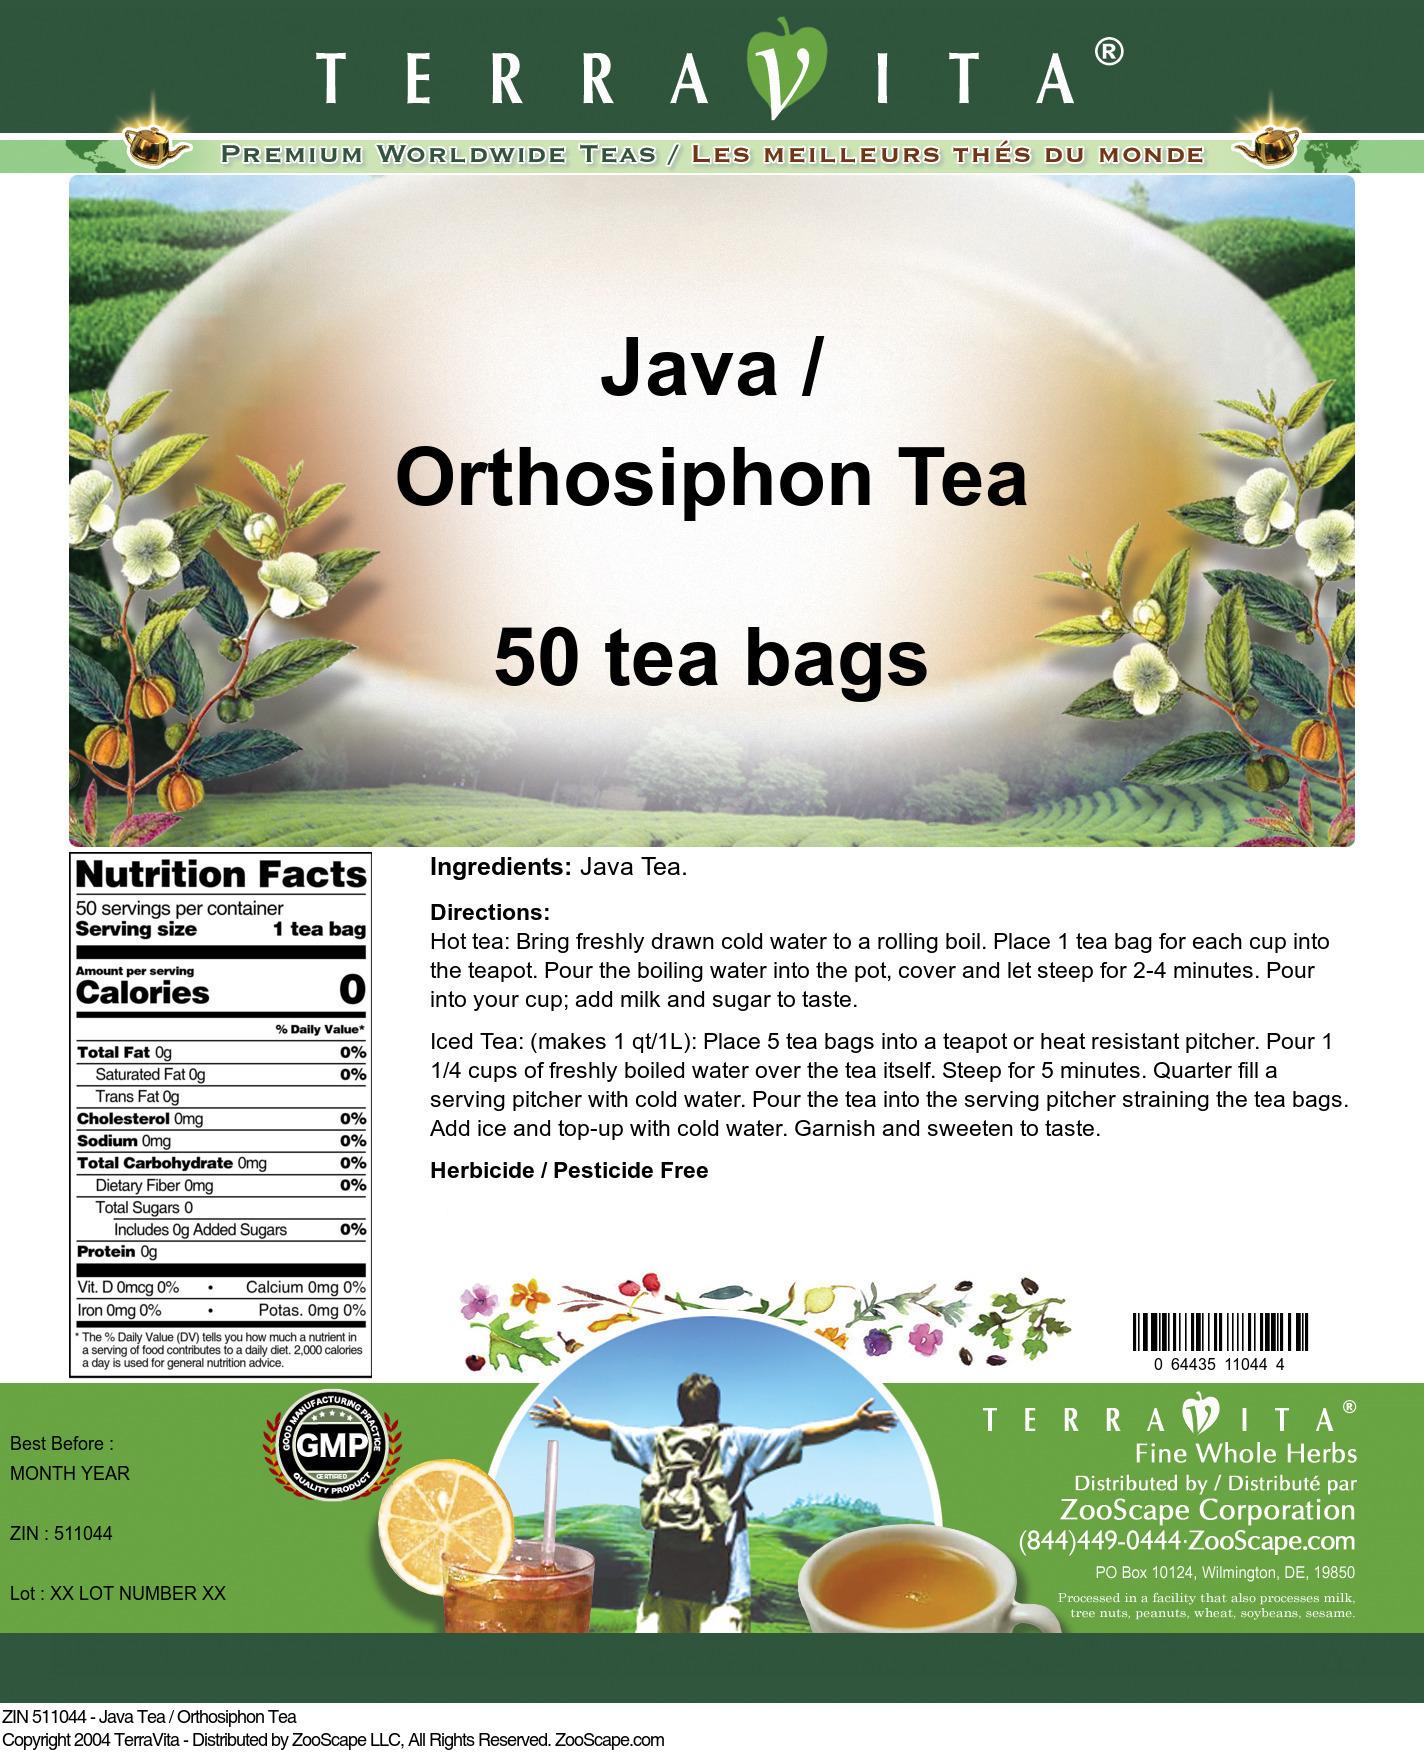 Java Tea / Orthosiphon Tea